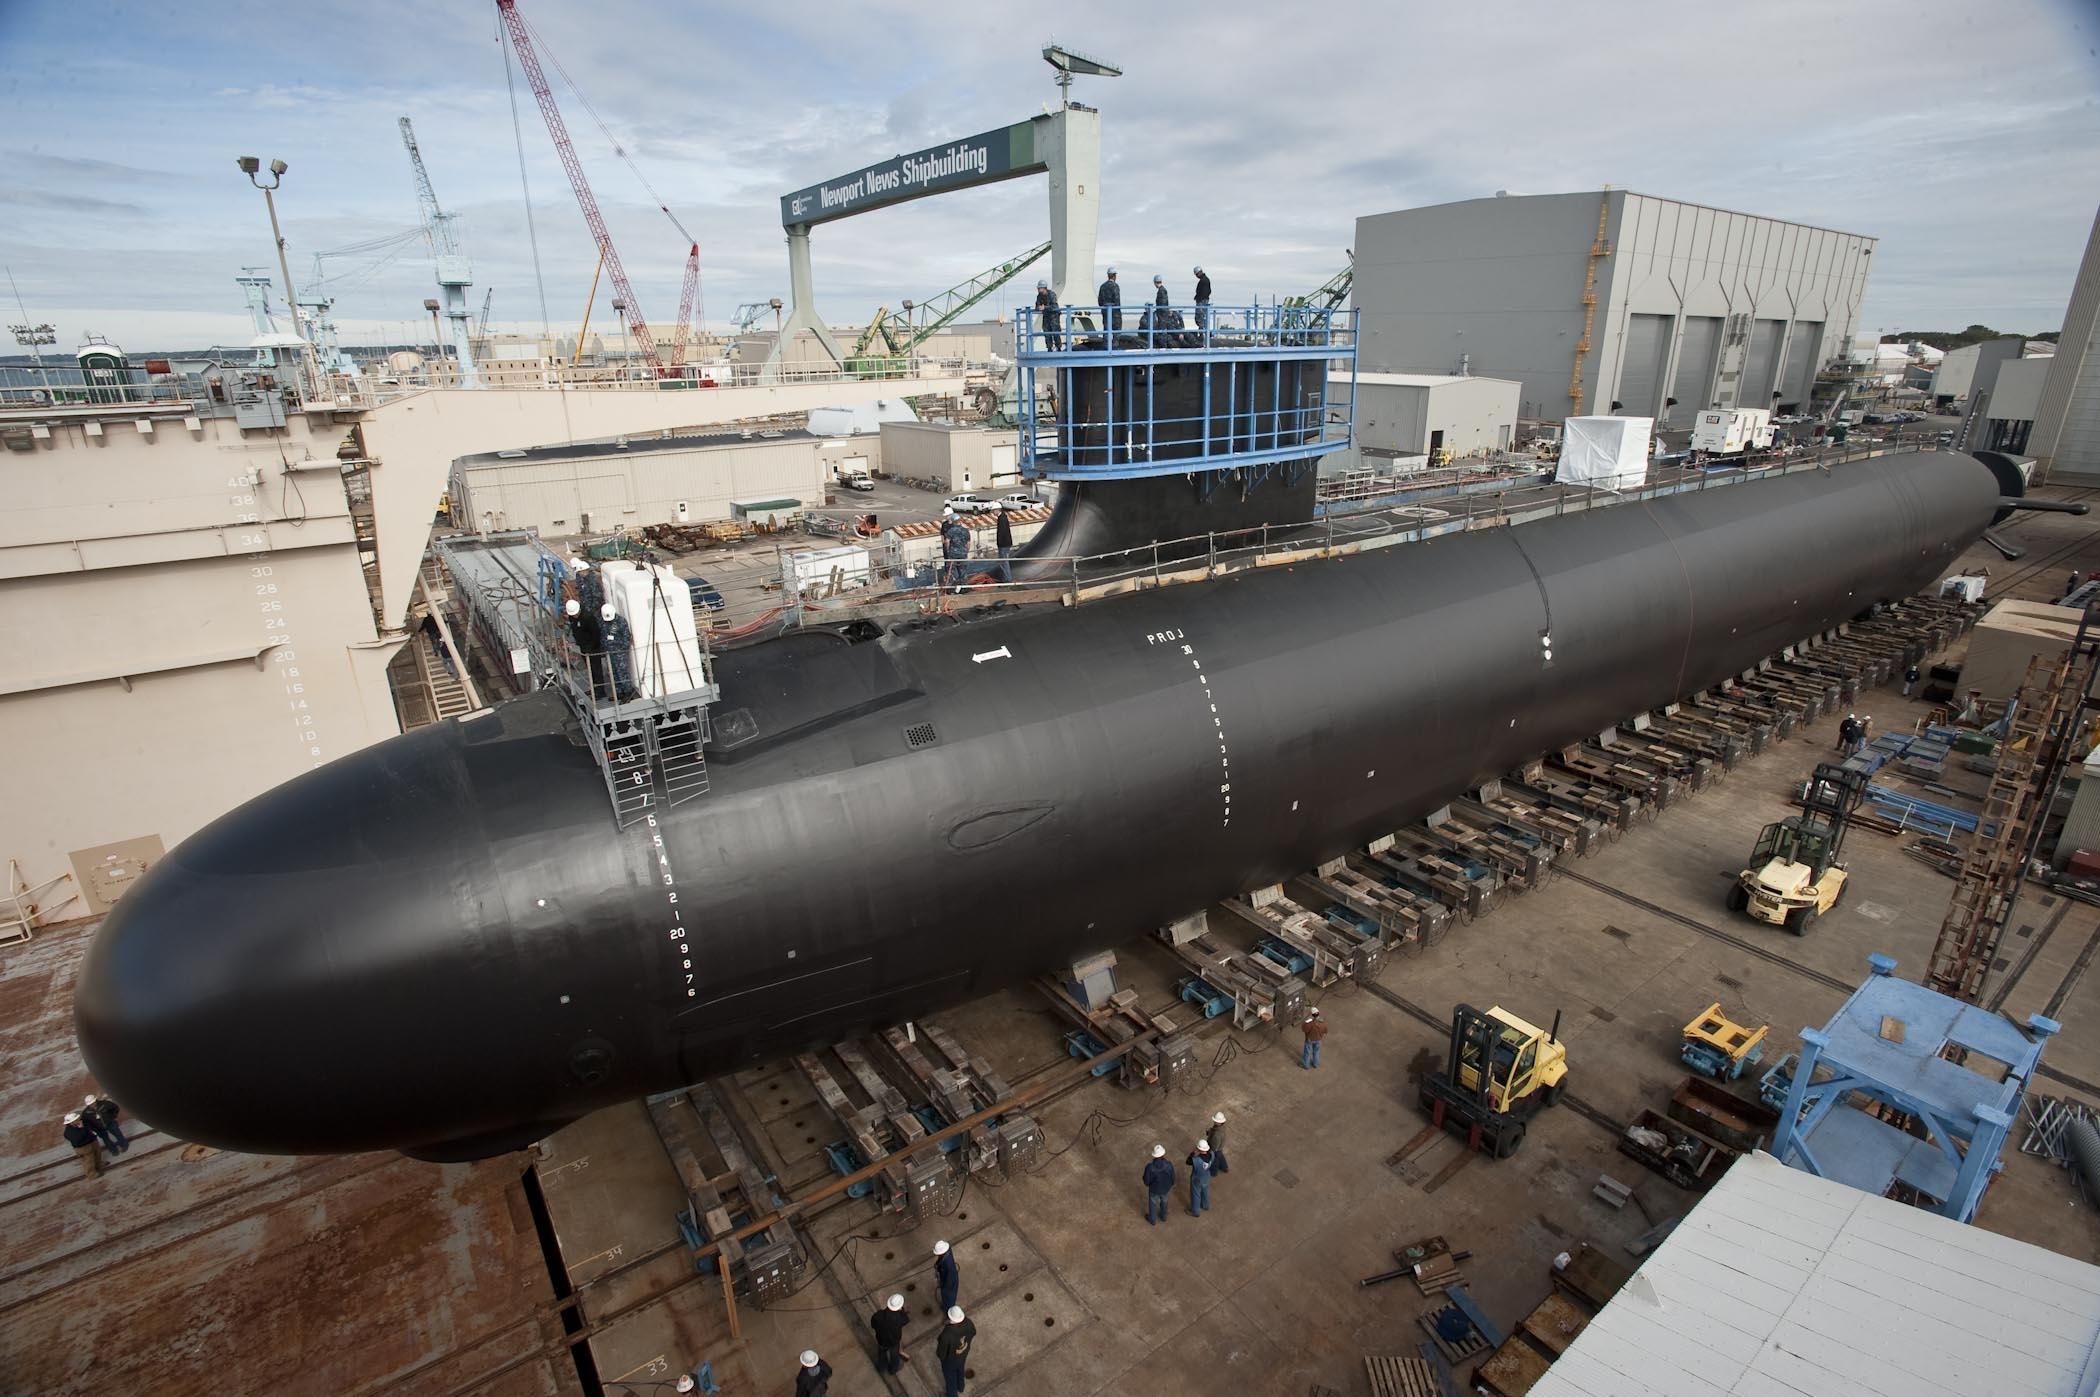 维护不力坑了美国核潜艇部队 每天白花20万美元